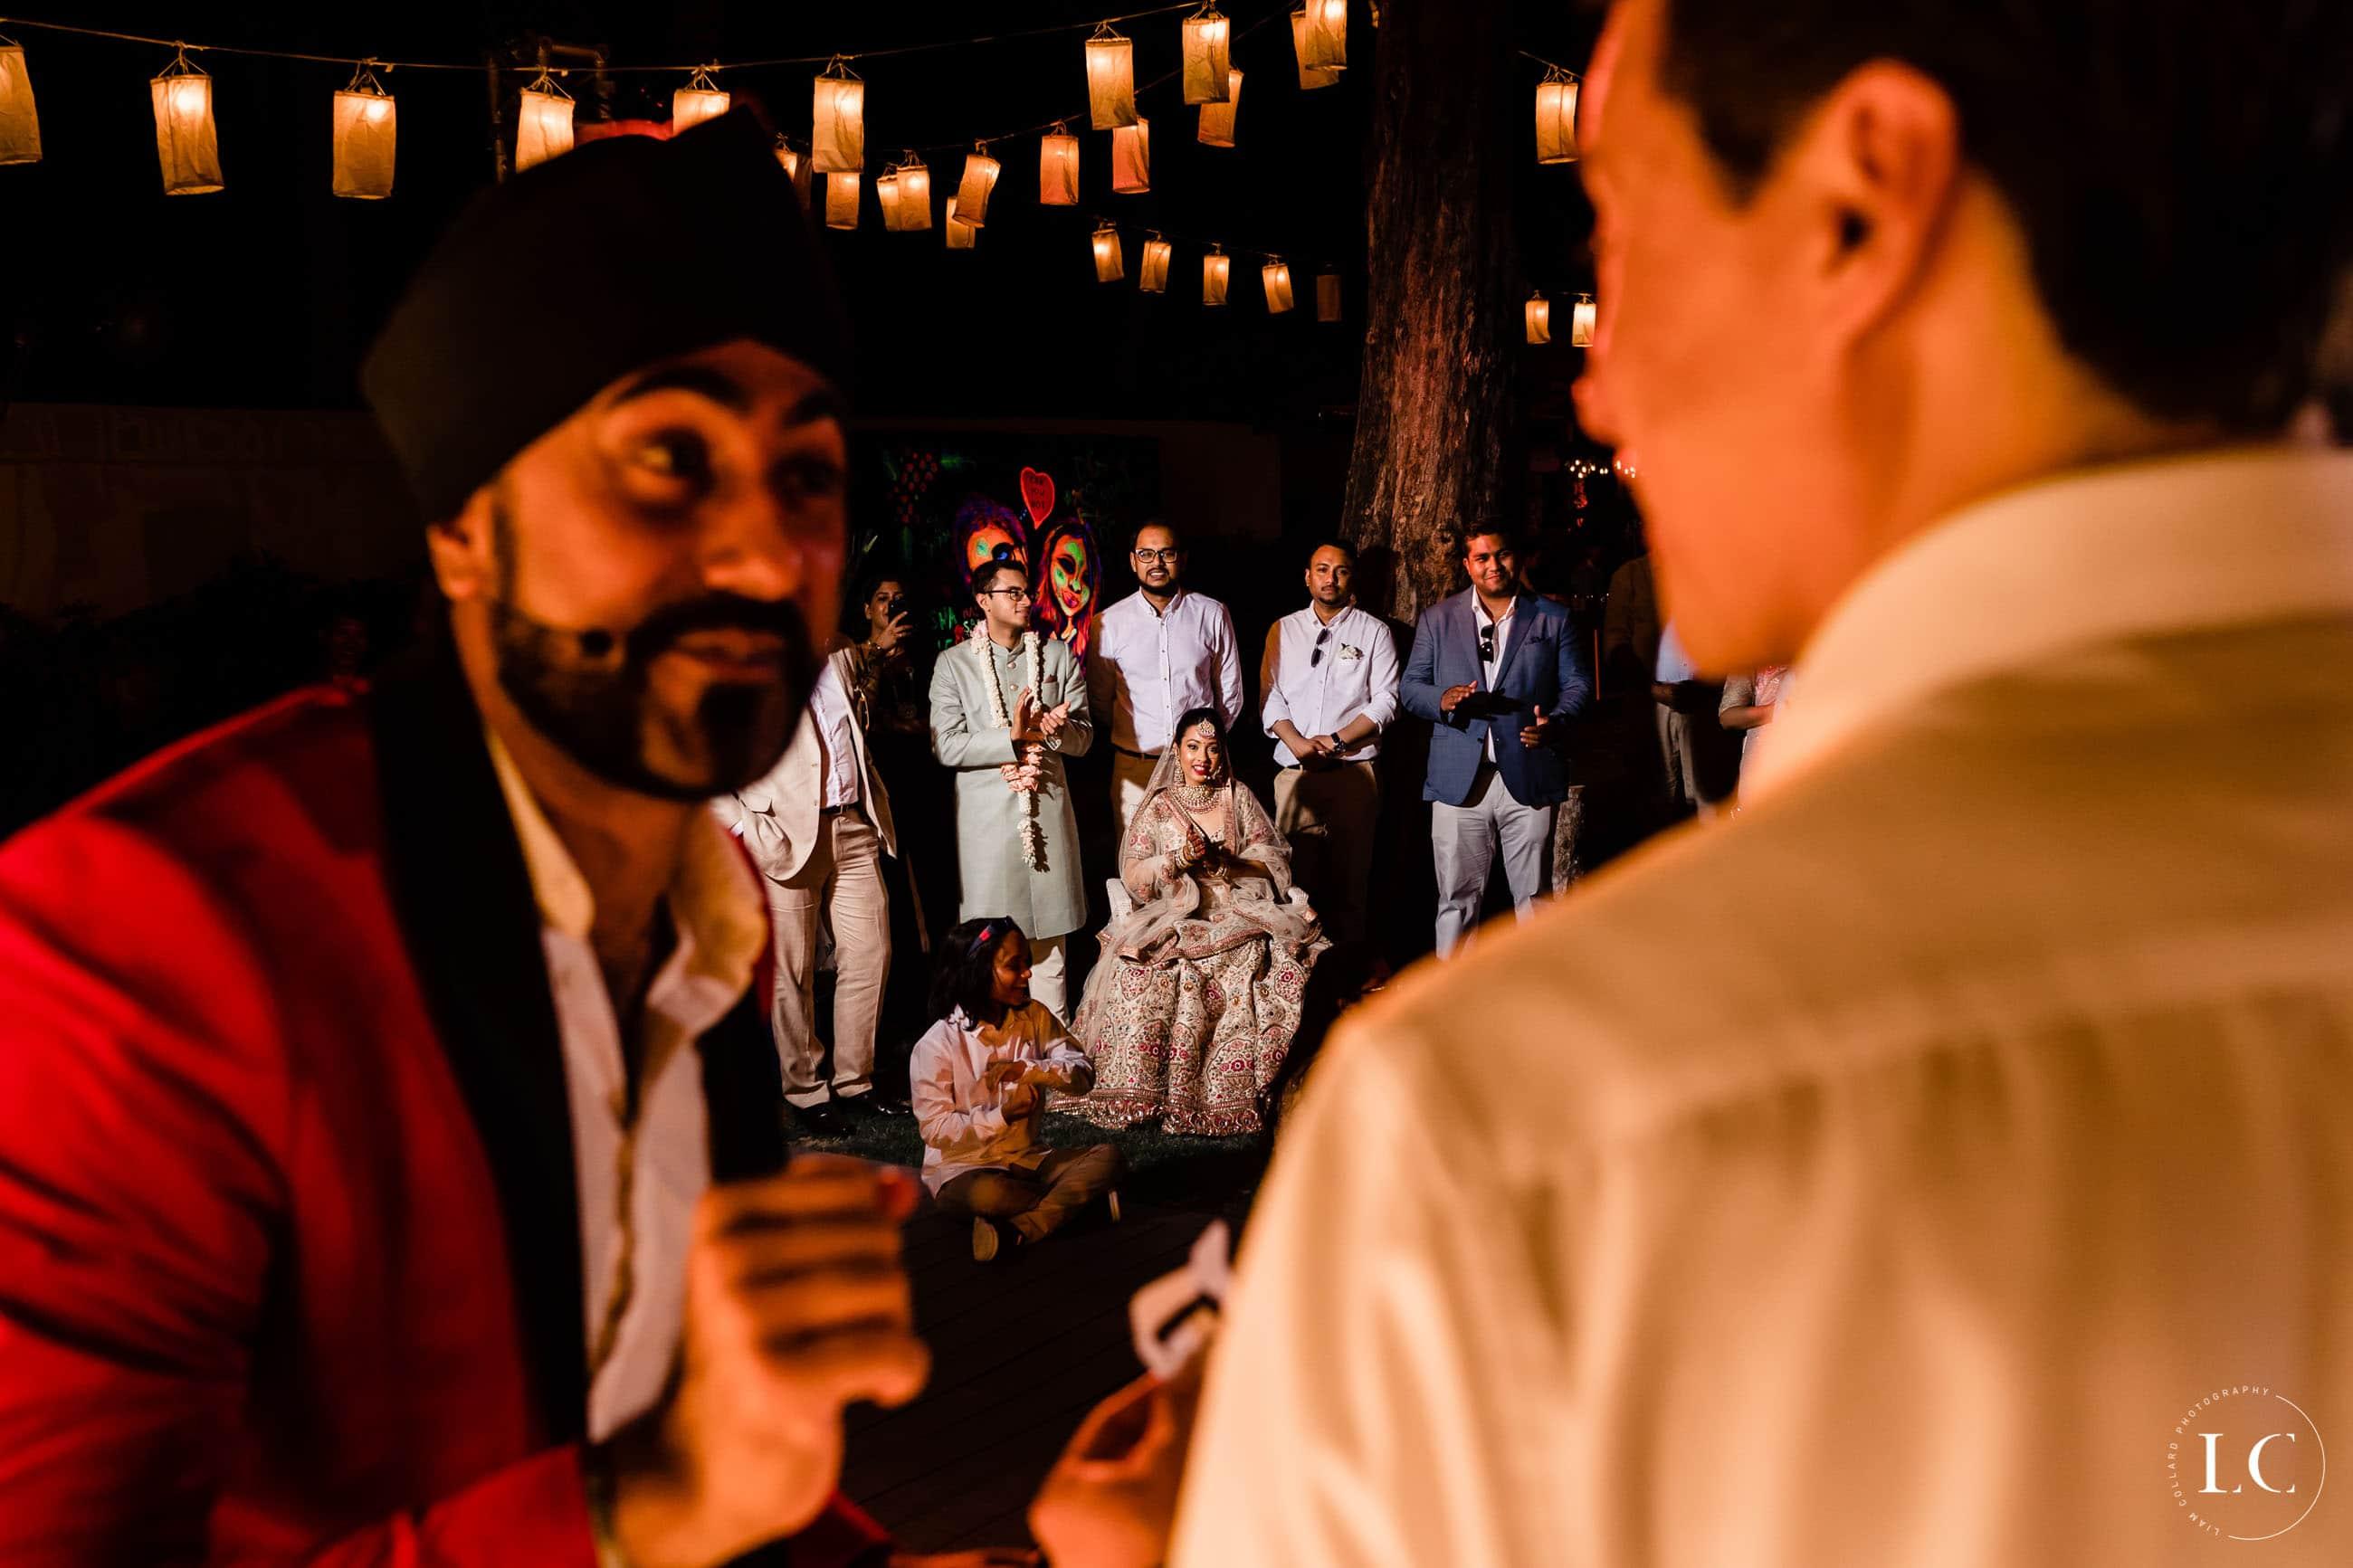 Guests talking at a wedding